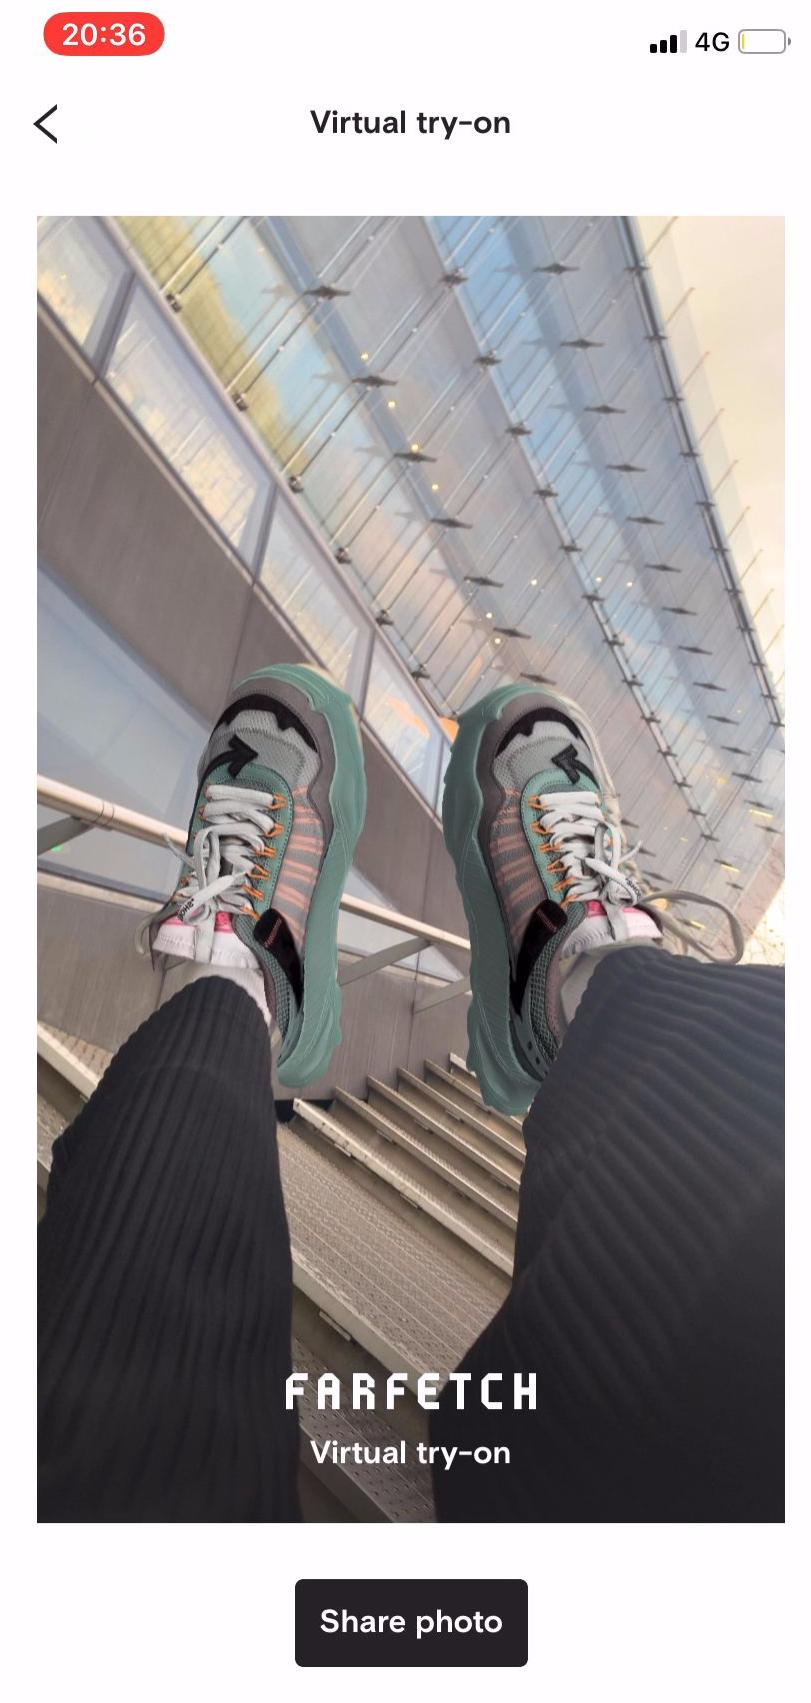 Услуга виртуальной примерки обуви от Farfetch